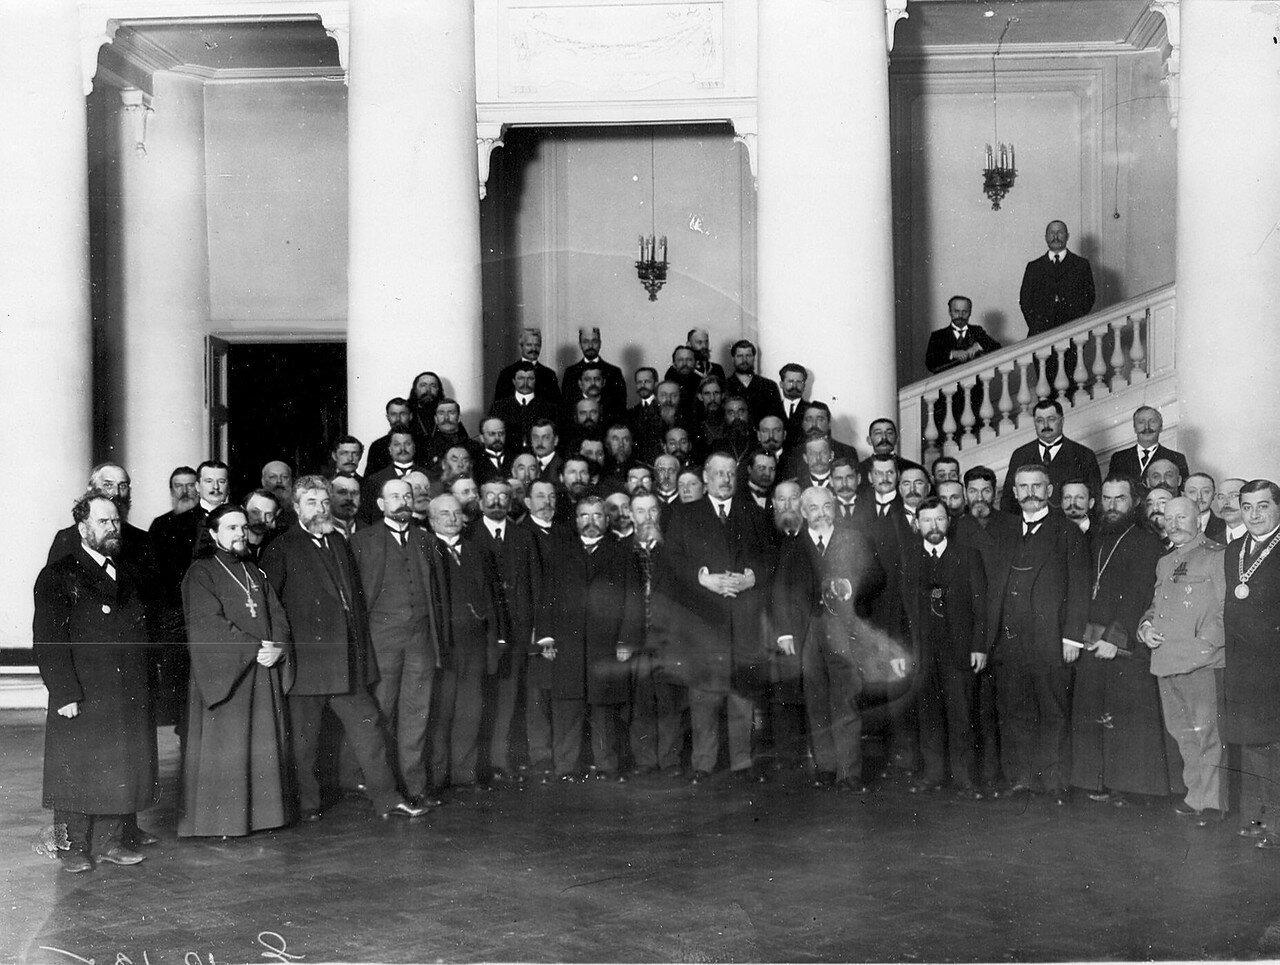 Группа депутатов Четвертой Государственной думы - участников встречи с прибывшим в Петербург болгарским генералом Радко Дмитриевым, героем Лозенгрица. Март 1913